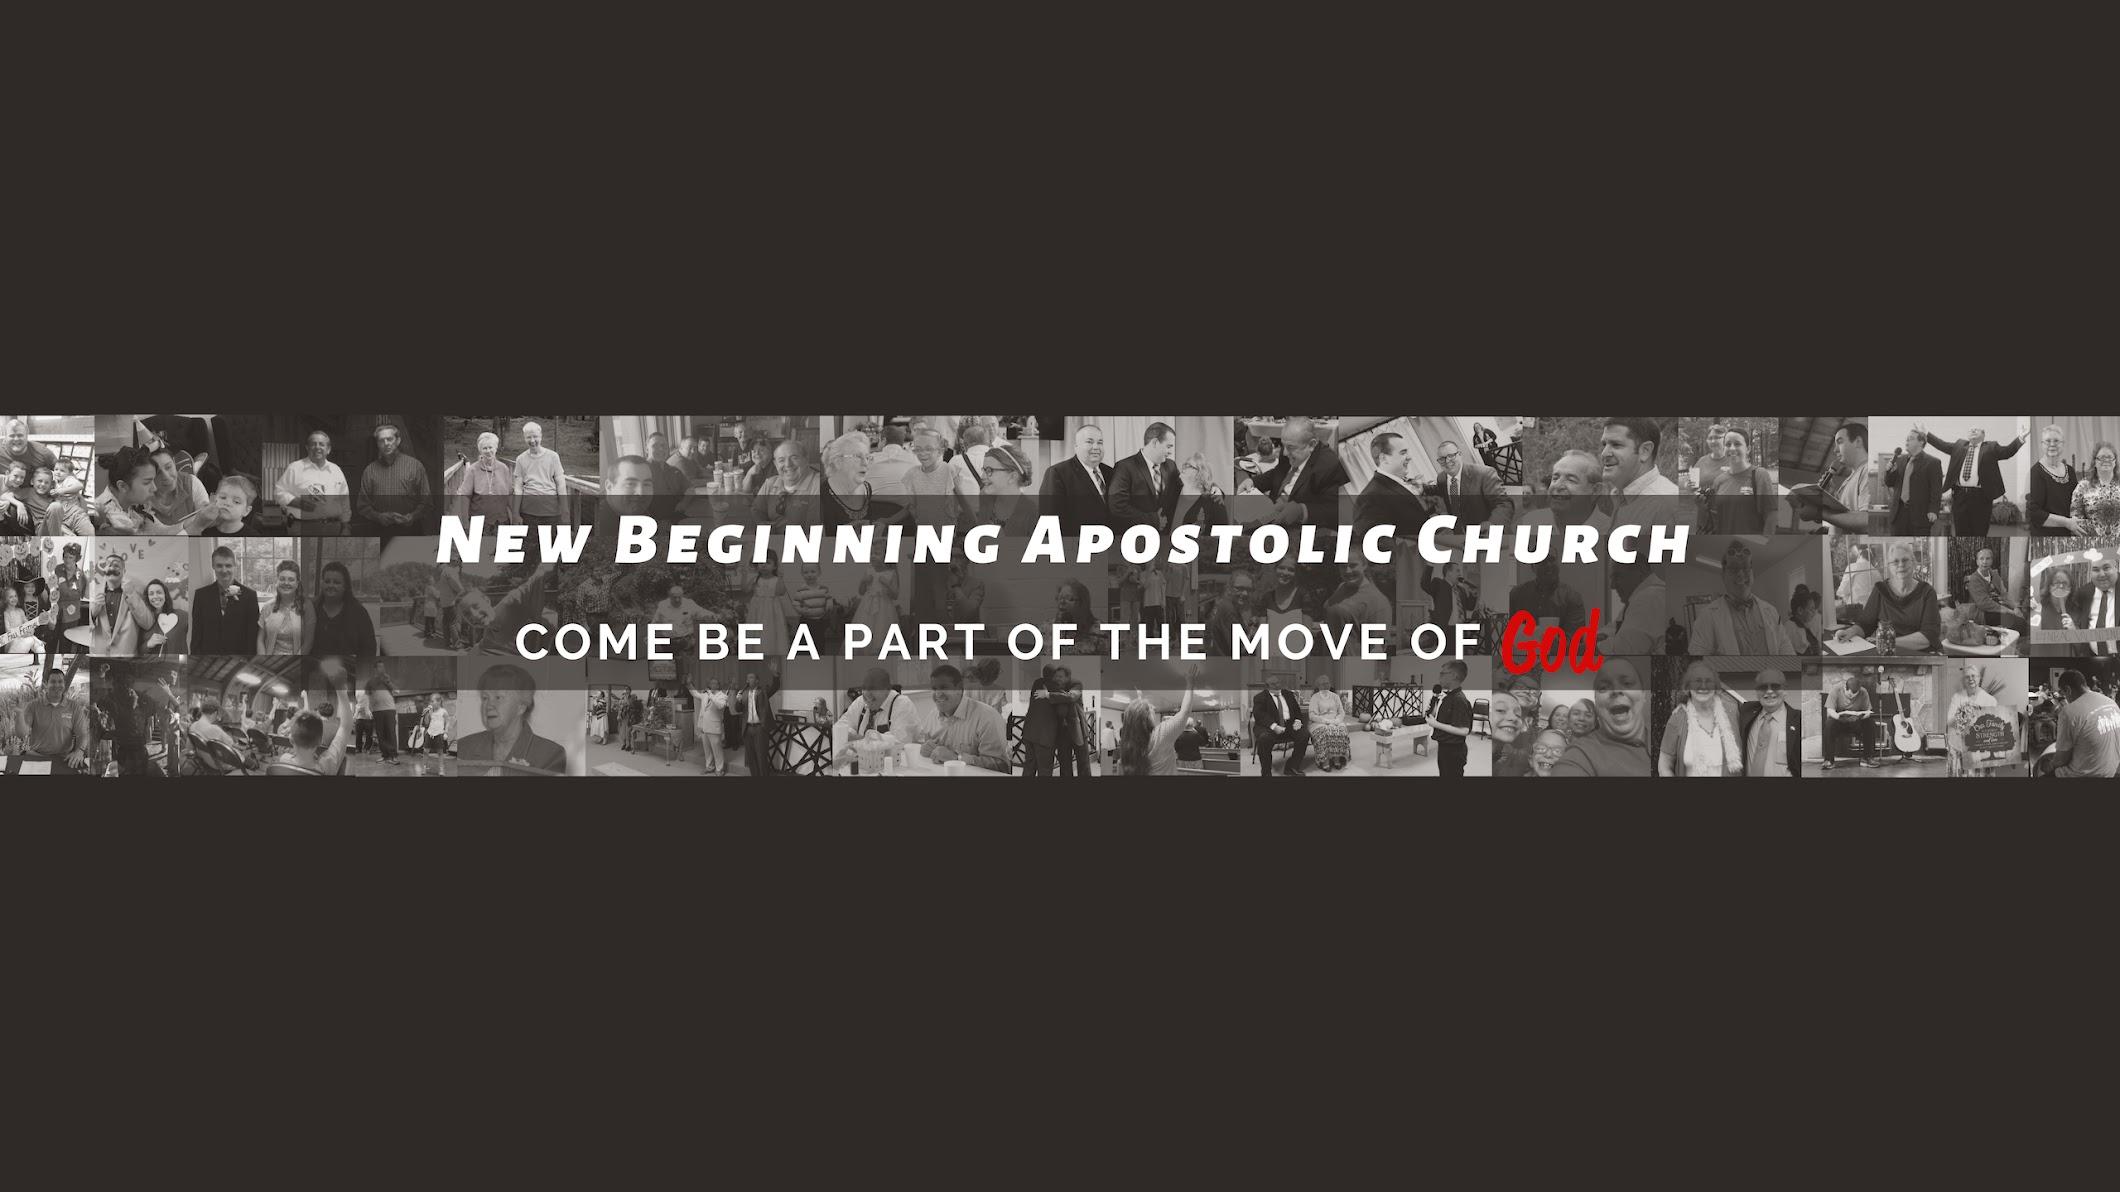 New Beginning Apostolic Church